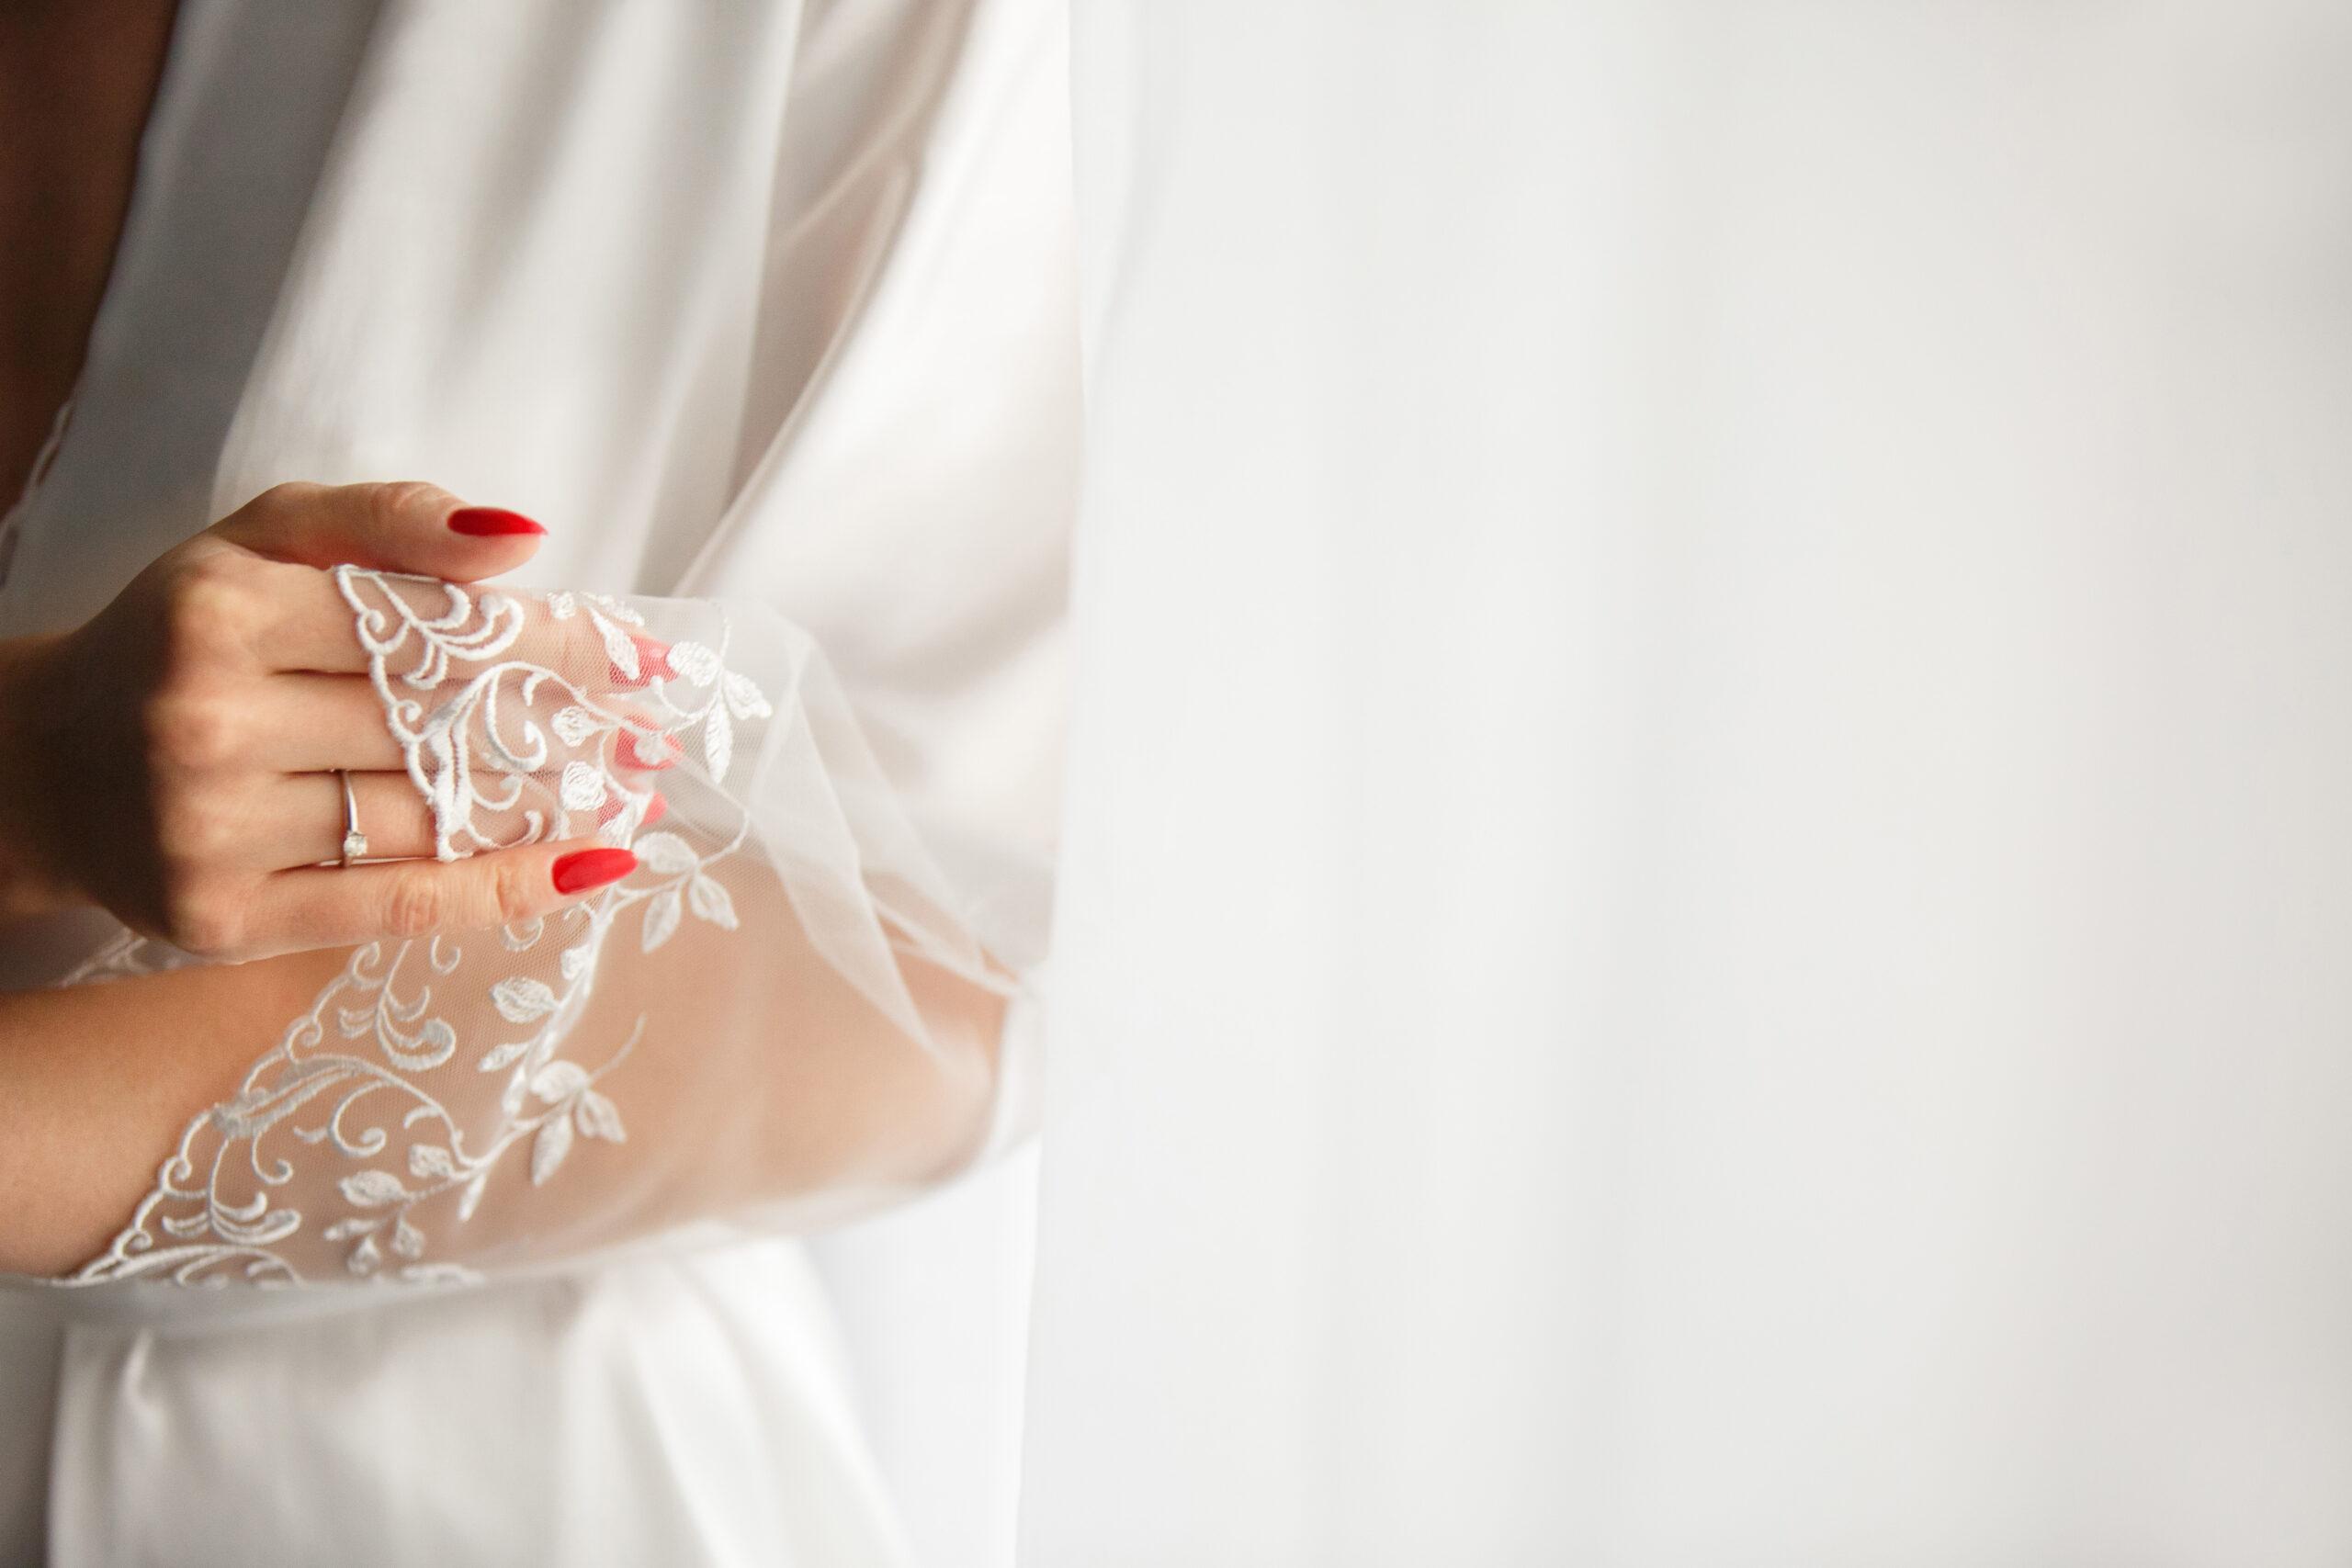 czerwone paznokcie ślubne klasyczne